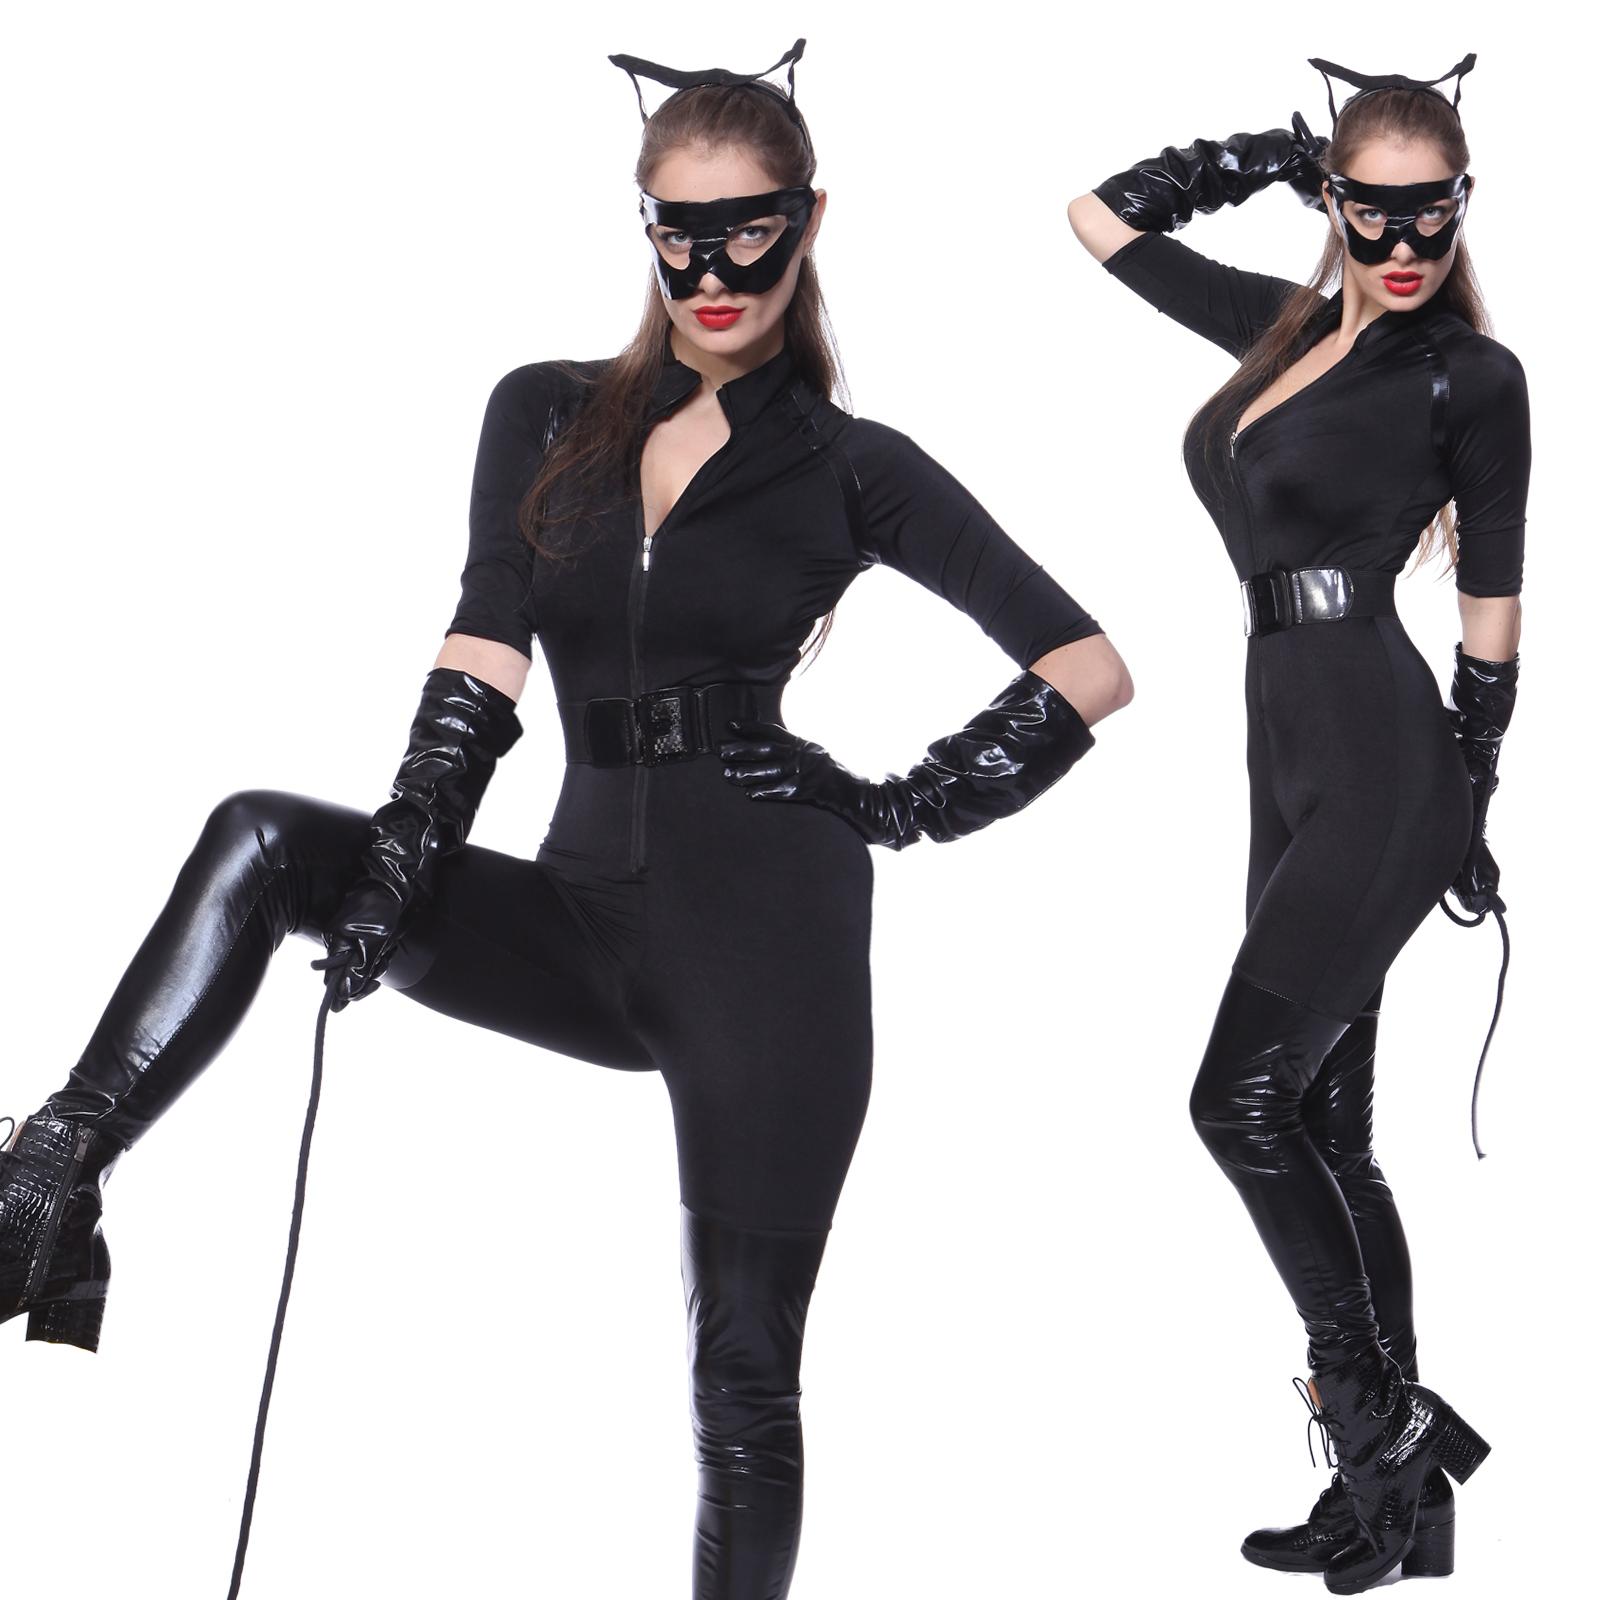 sexy damen kost m catsuit overall katze ganzk rper karneval weihnachten geschenk ebay. Black Bedroom Furniture Sets. Home Design Ideas